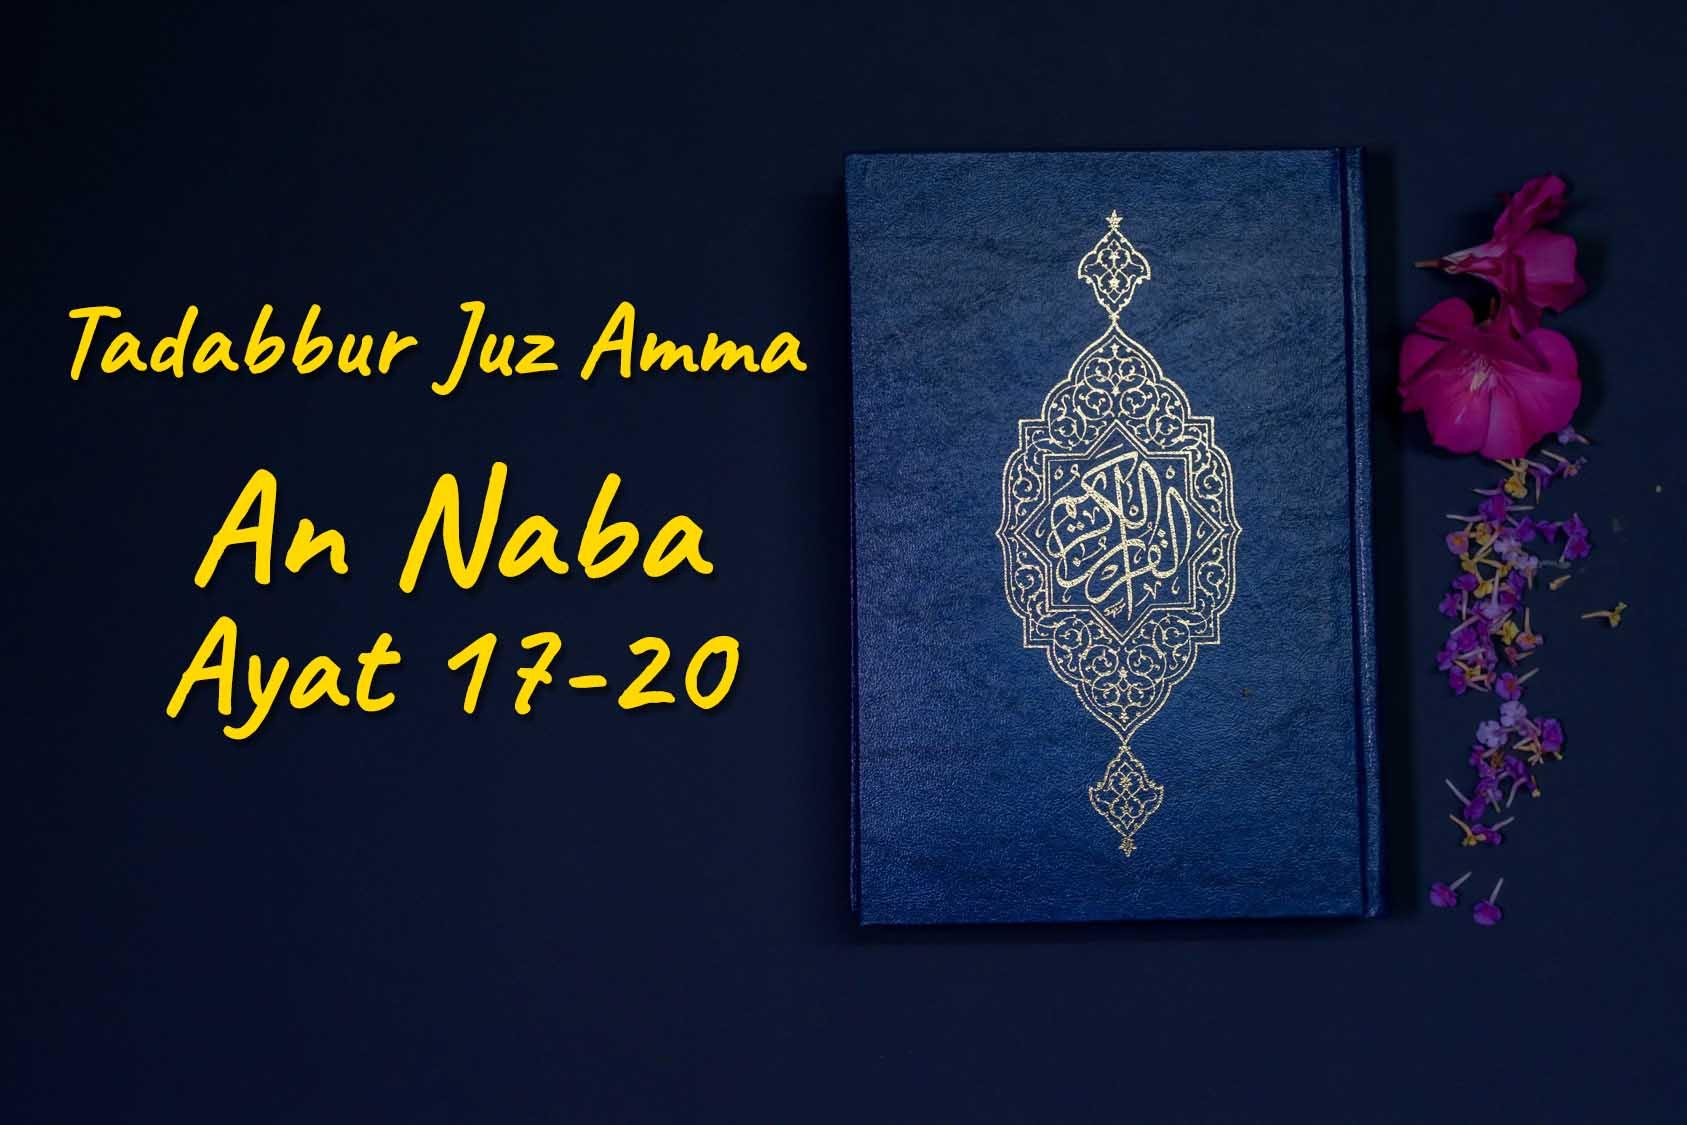 Tadabbur Juz Amma: Surah An Naba ayat 17-20